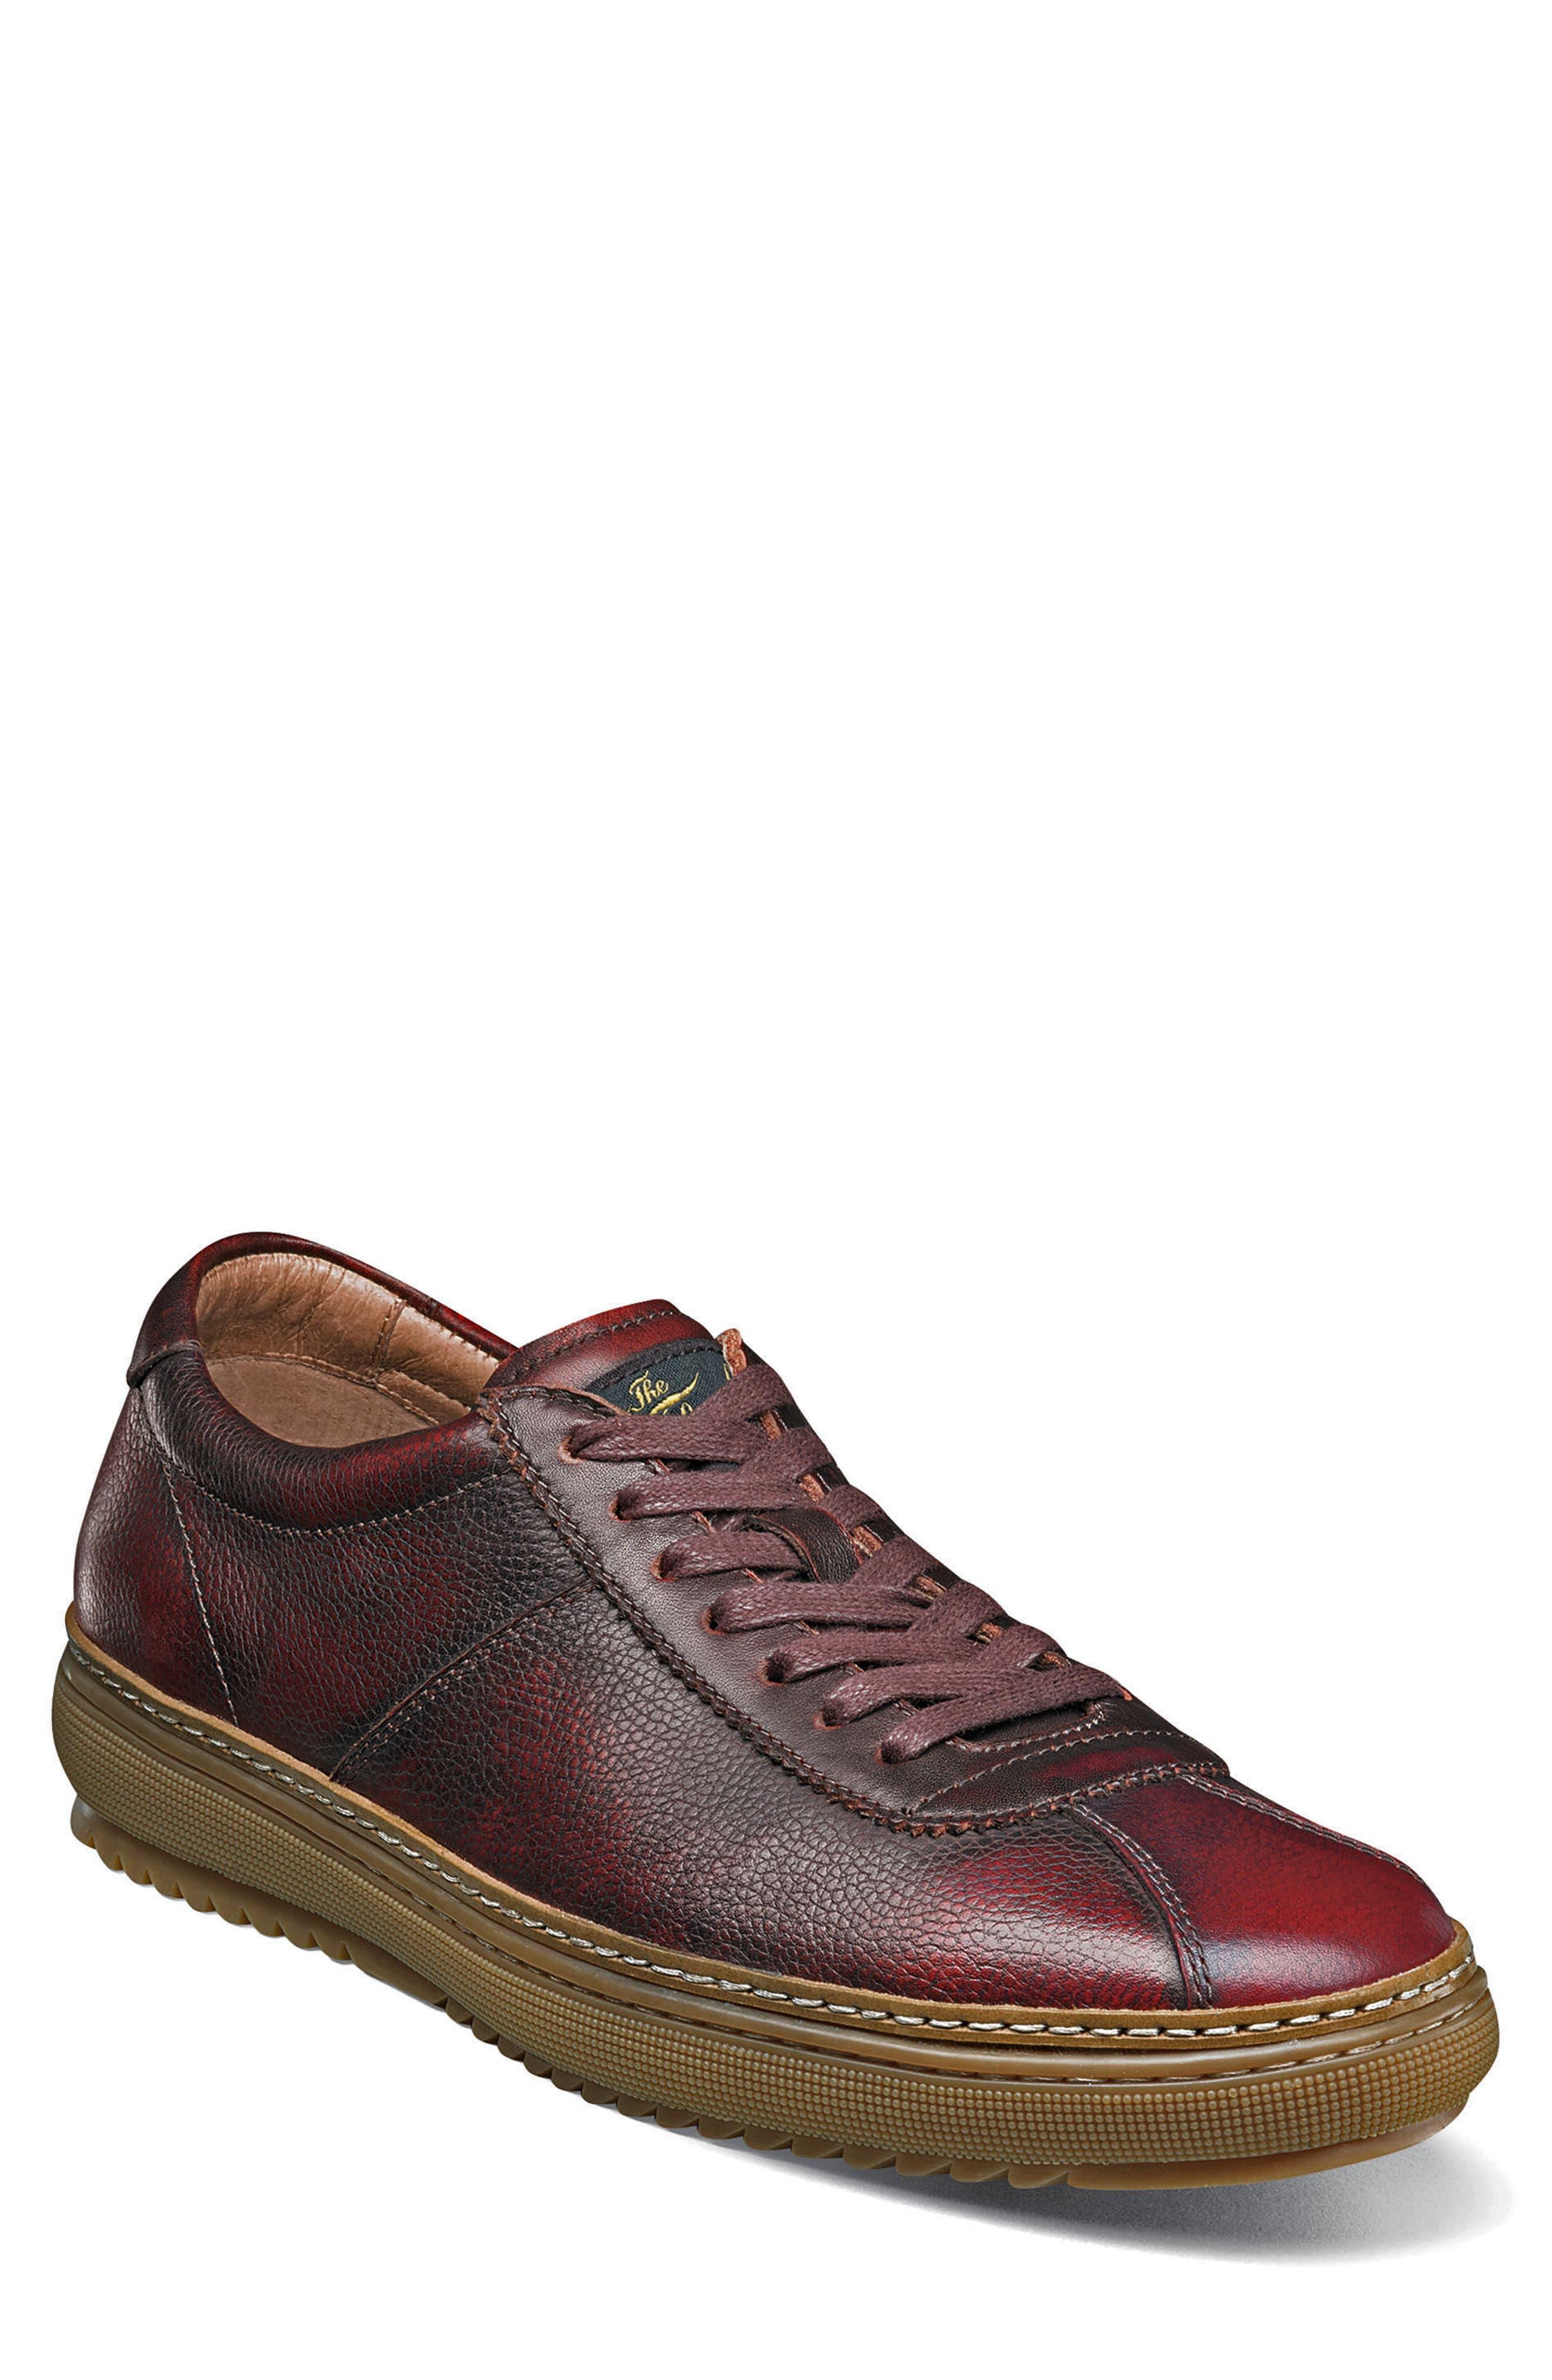 Alternate Image 1 Selected - Florsheim Crew Sneaker (Men)